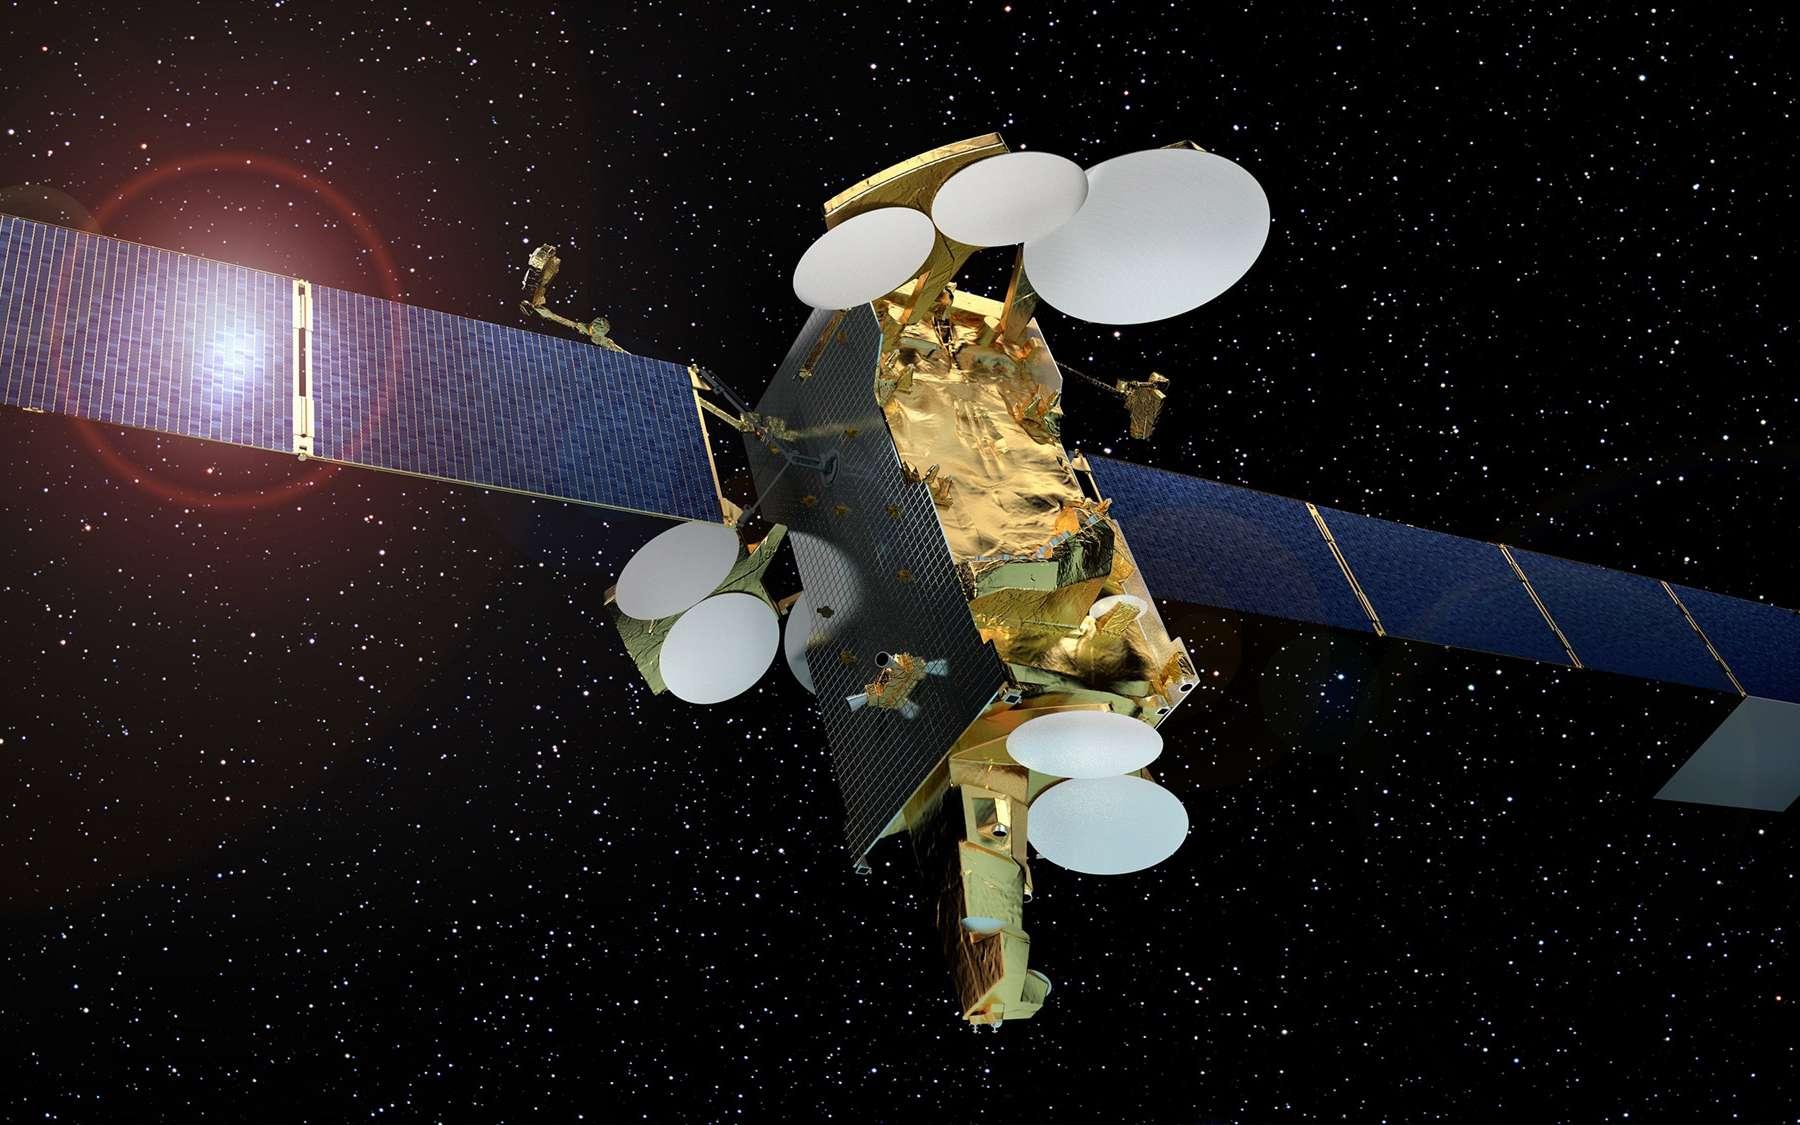 Vue d'artiste de SES 12. Construit par Airbus Defence and Space, ce satellite de télécommunications tout électrique est le plus lourd et le plus puissant du monde à ce jour. © Airbus Defence and Space